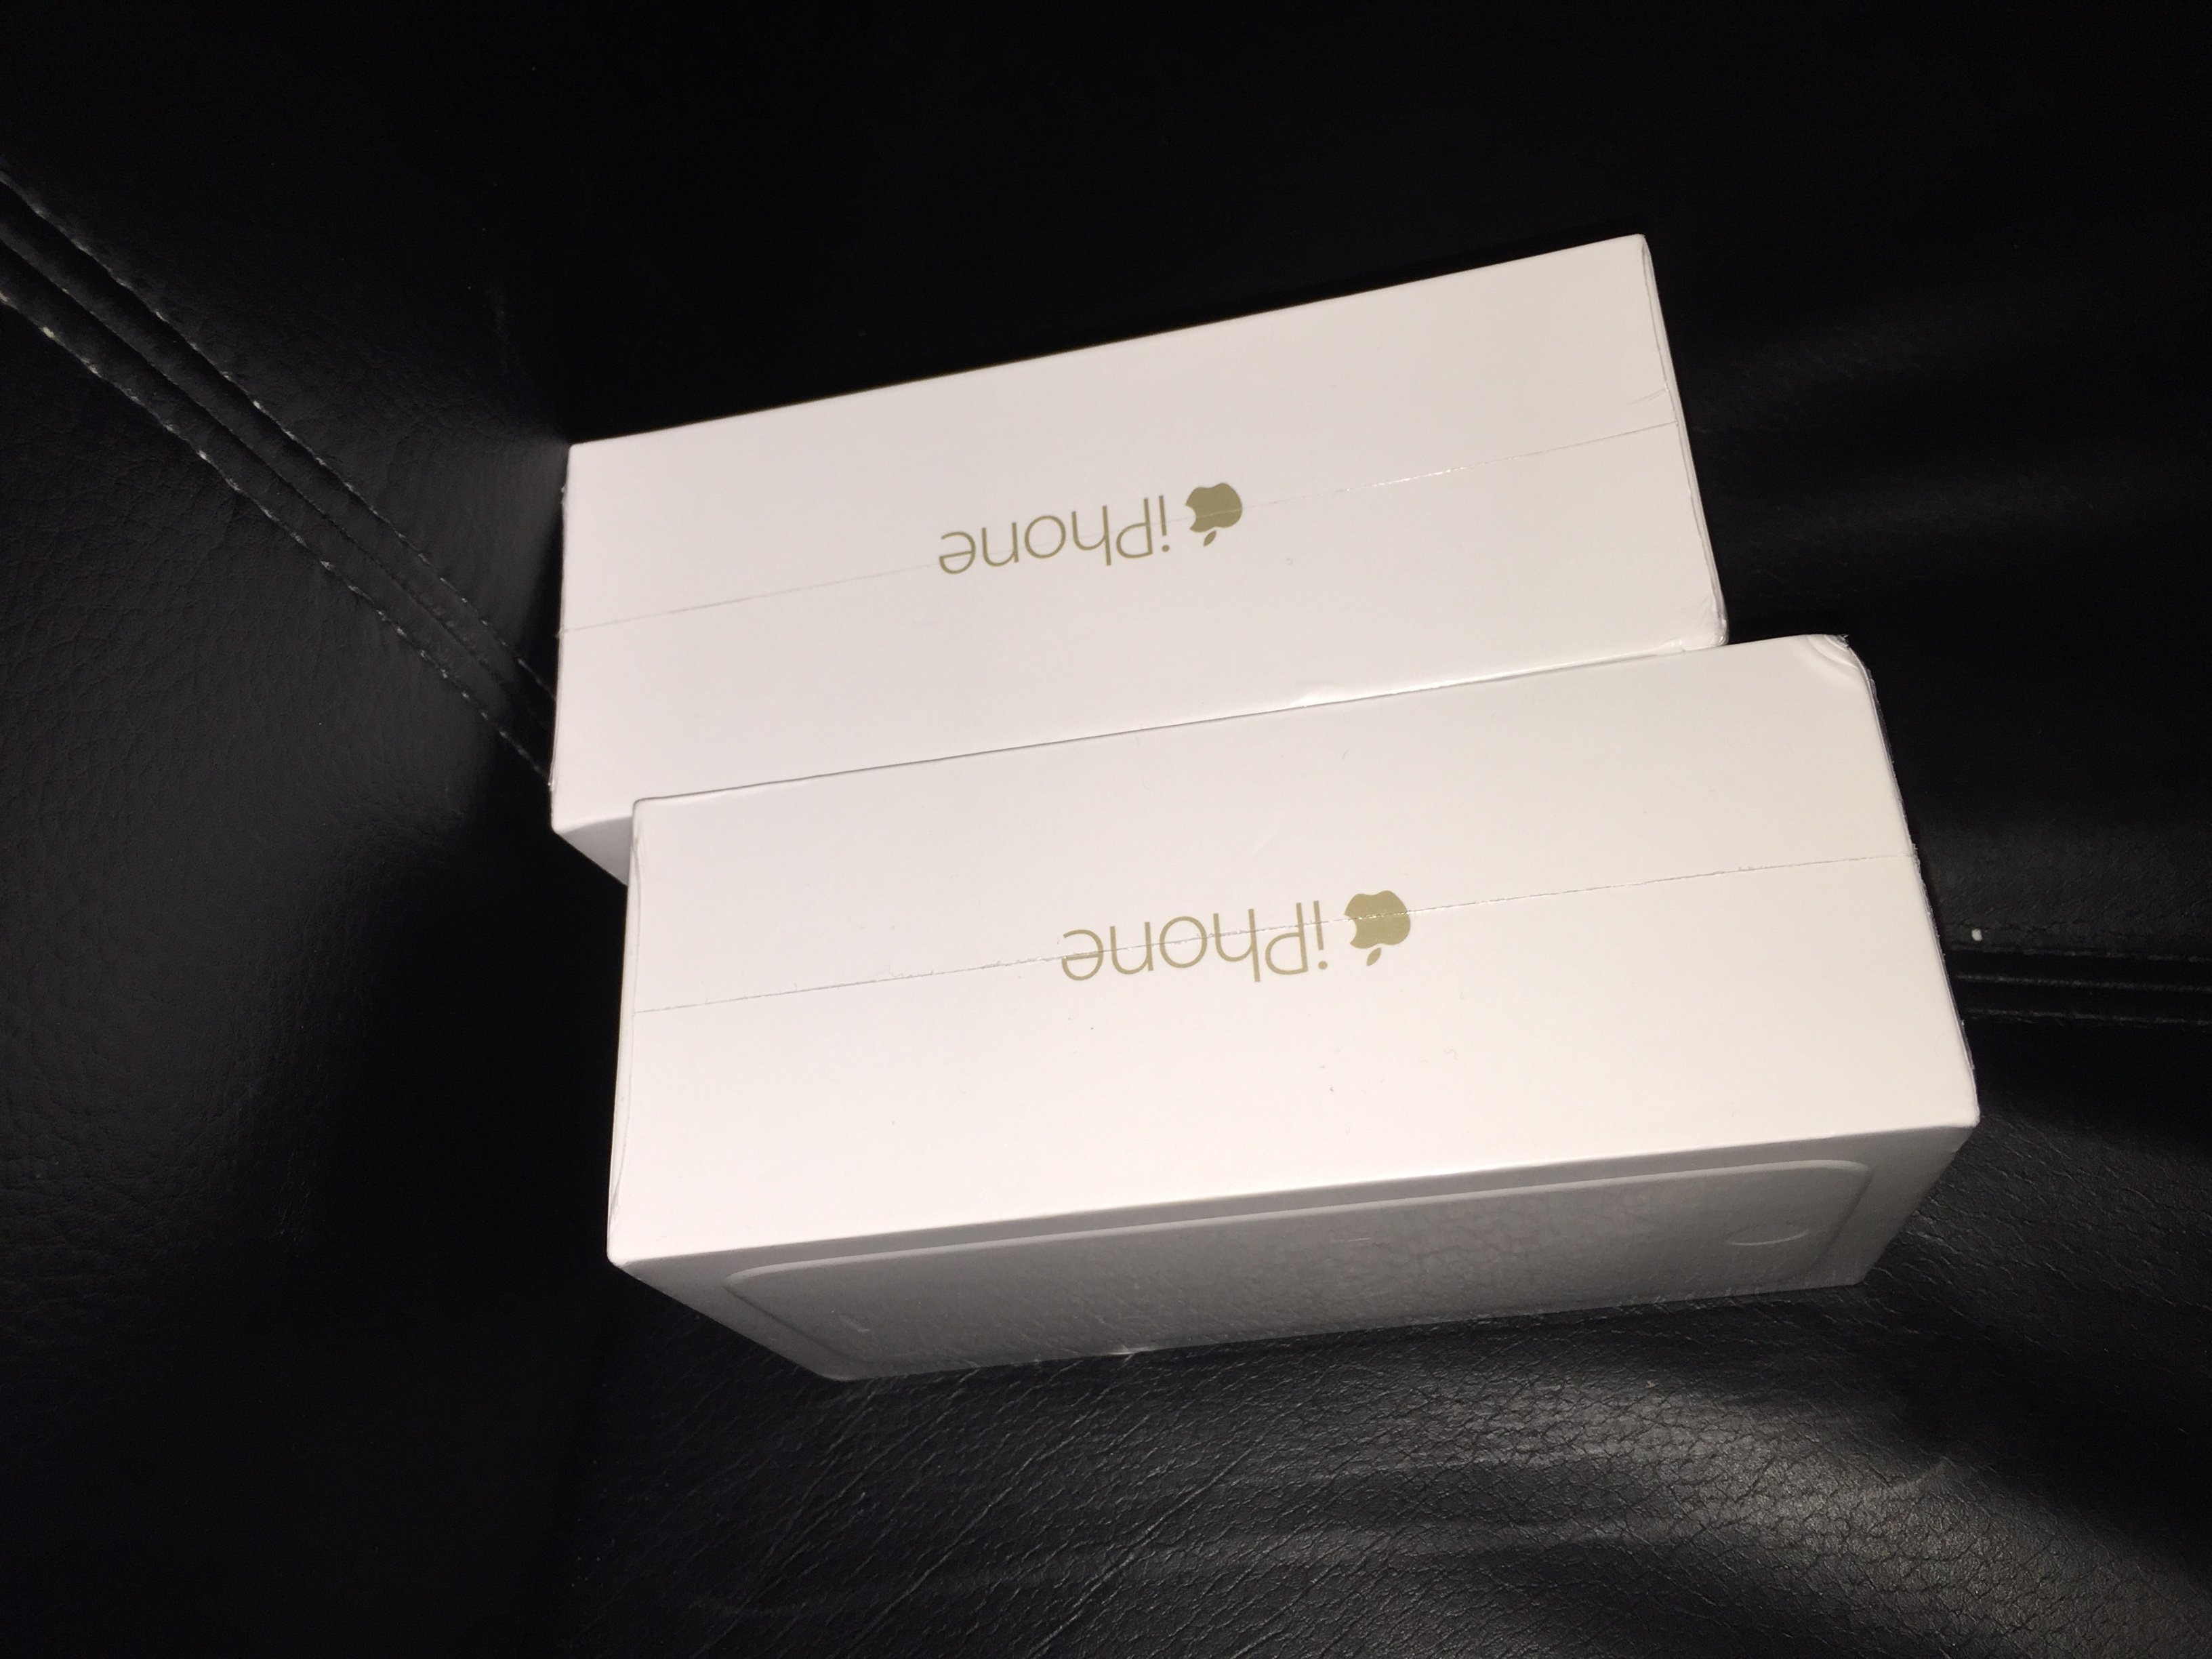 iPhone 6 16GB GOLD złotyMG492B/A Nowy Europa gw12m